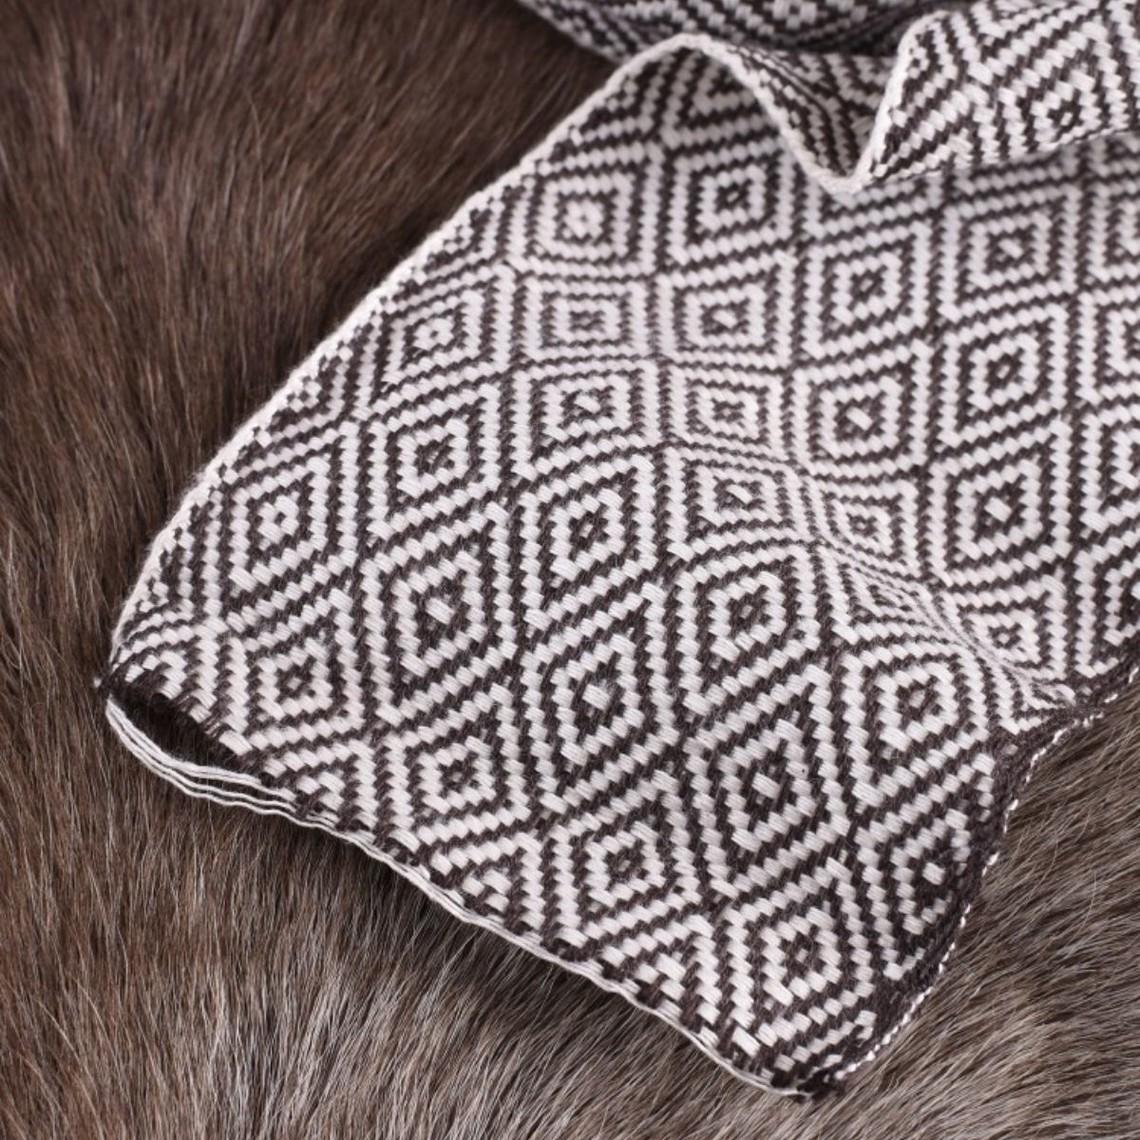 Diamond sarga tela marrón / naturales, 10 cm de ancho, por 7 metros